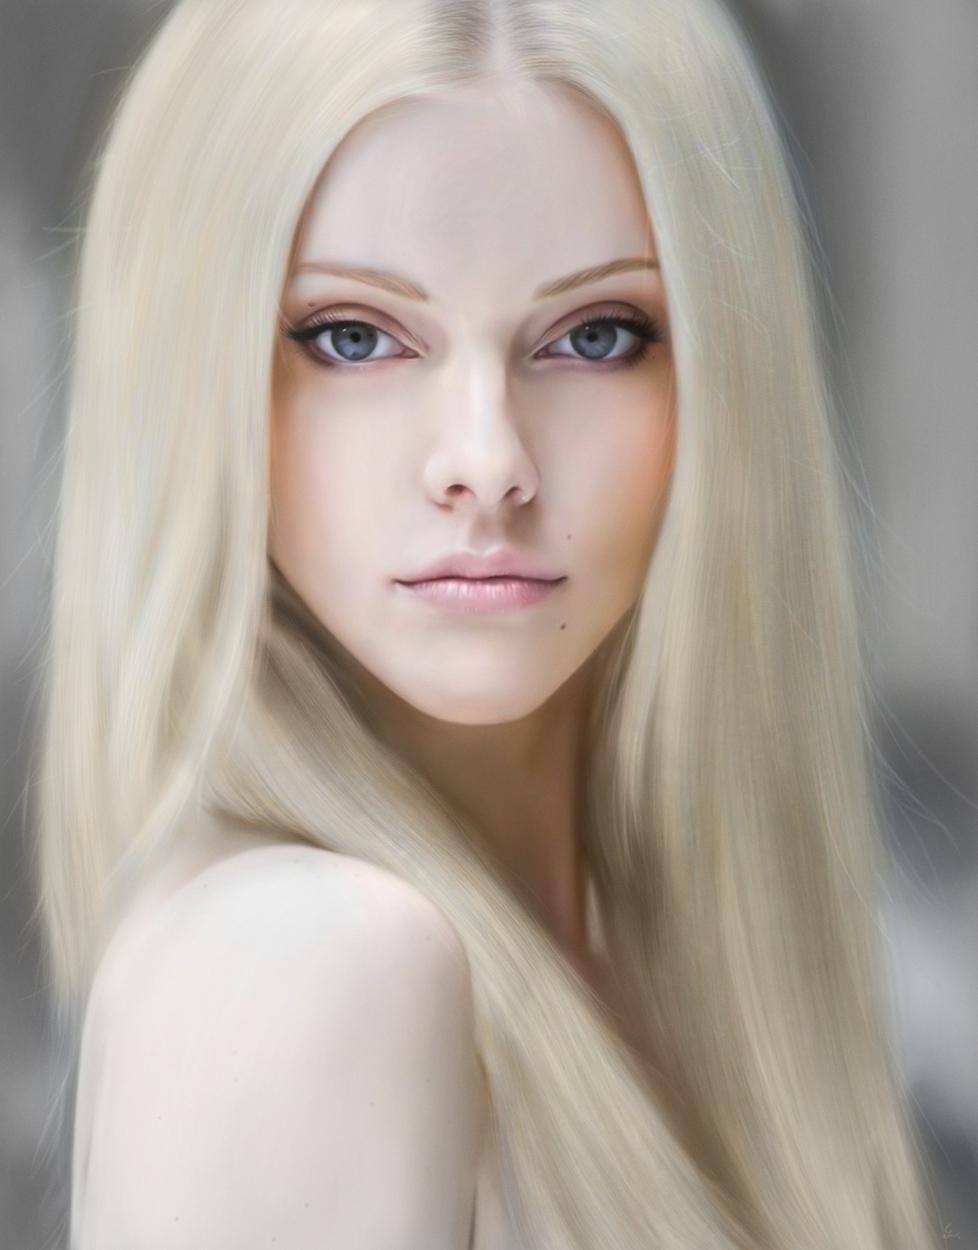 Daenerys Targaryen by CoffeeAndMarkers on DeviantArt